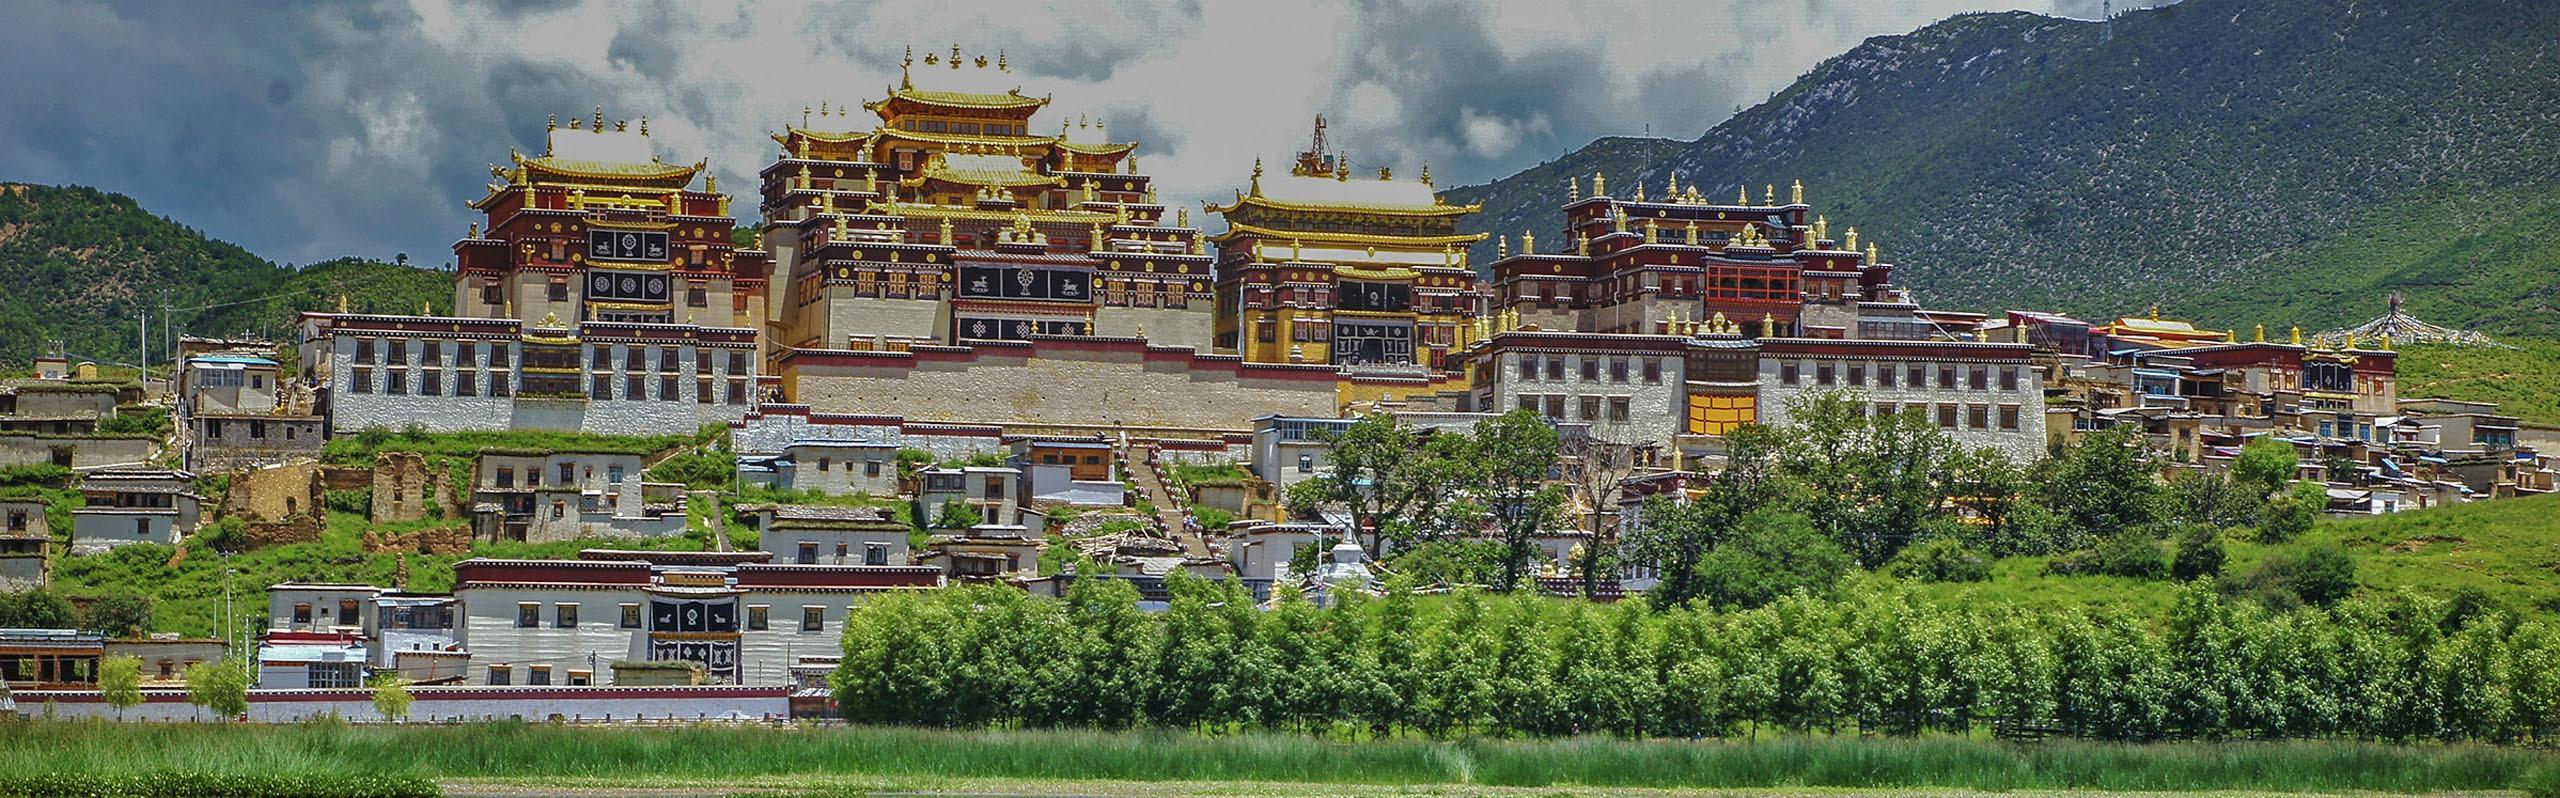 15-Day Shanghai, Kunming, Shangri-la, Lijiang, Chengdu, Xi'an and Beijing Tour